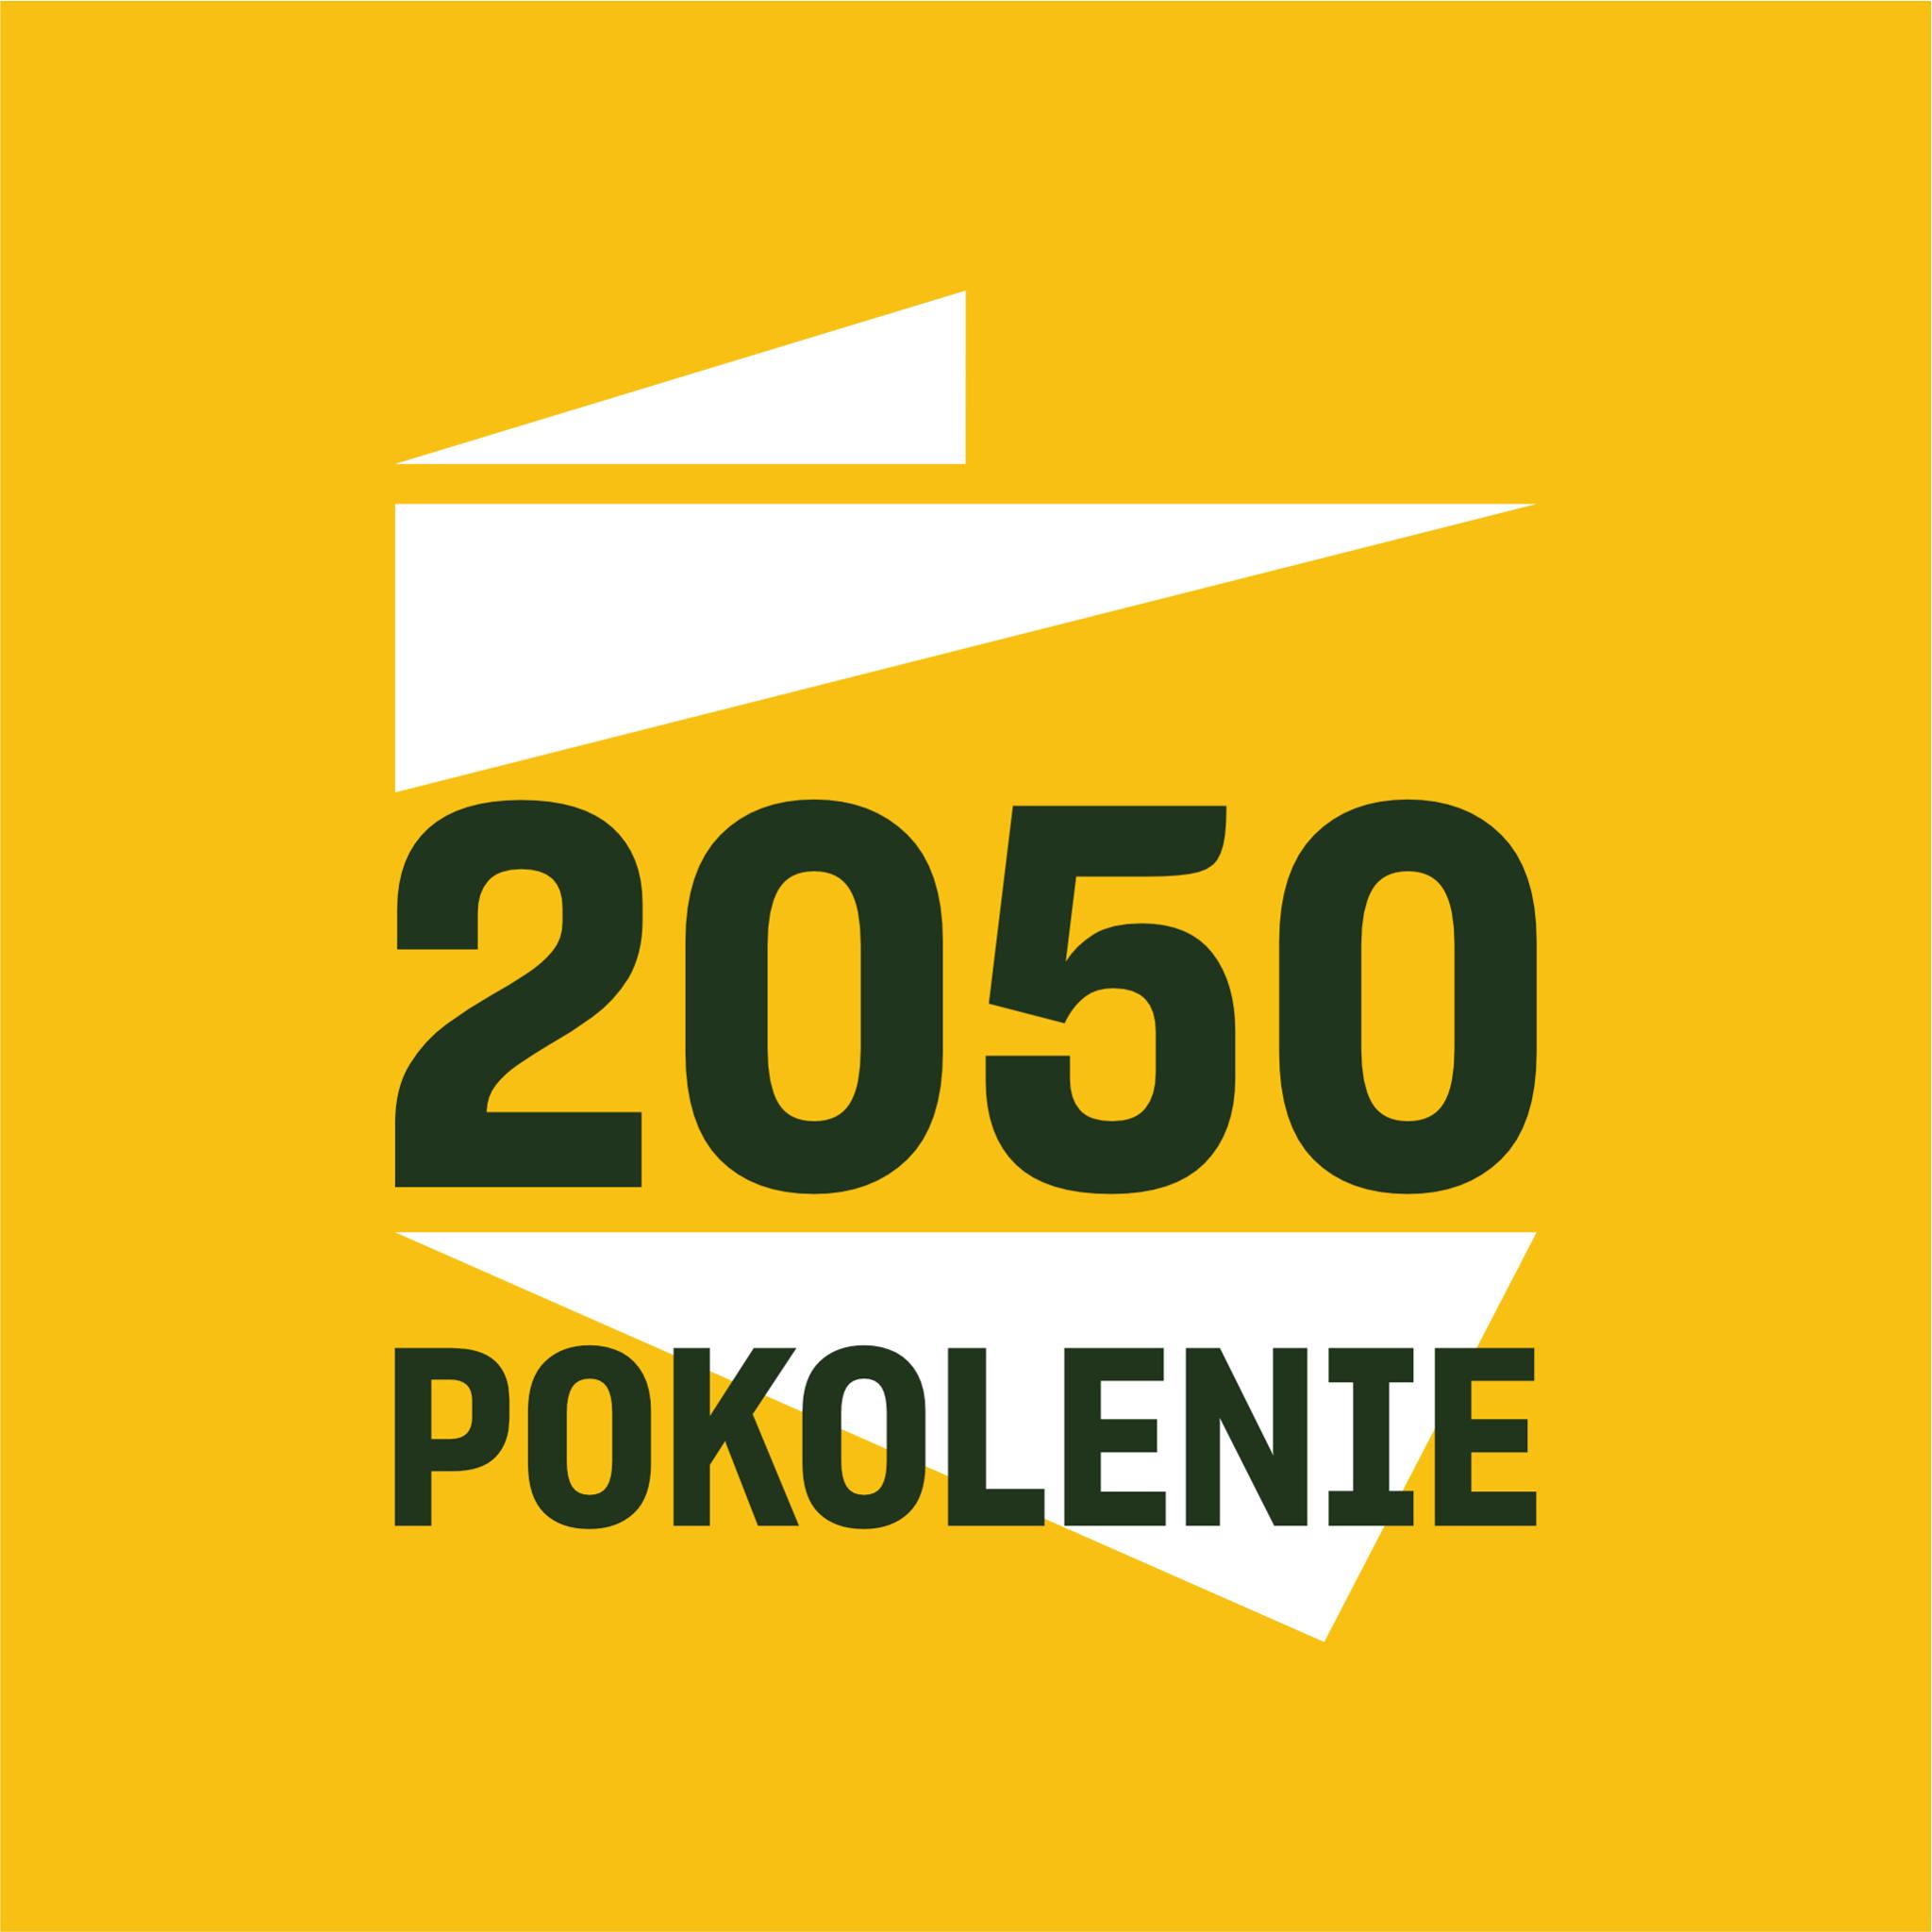 Pokolenie 2050